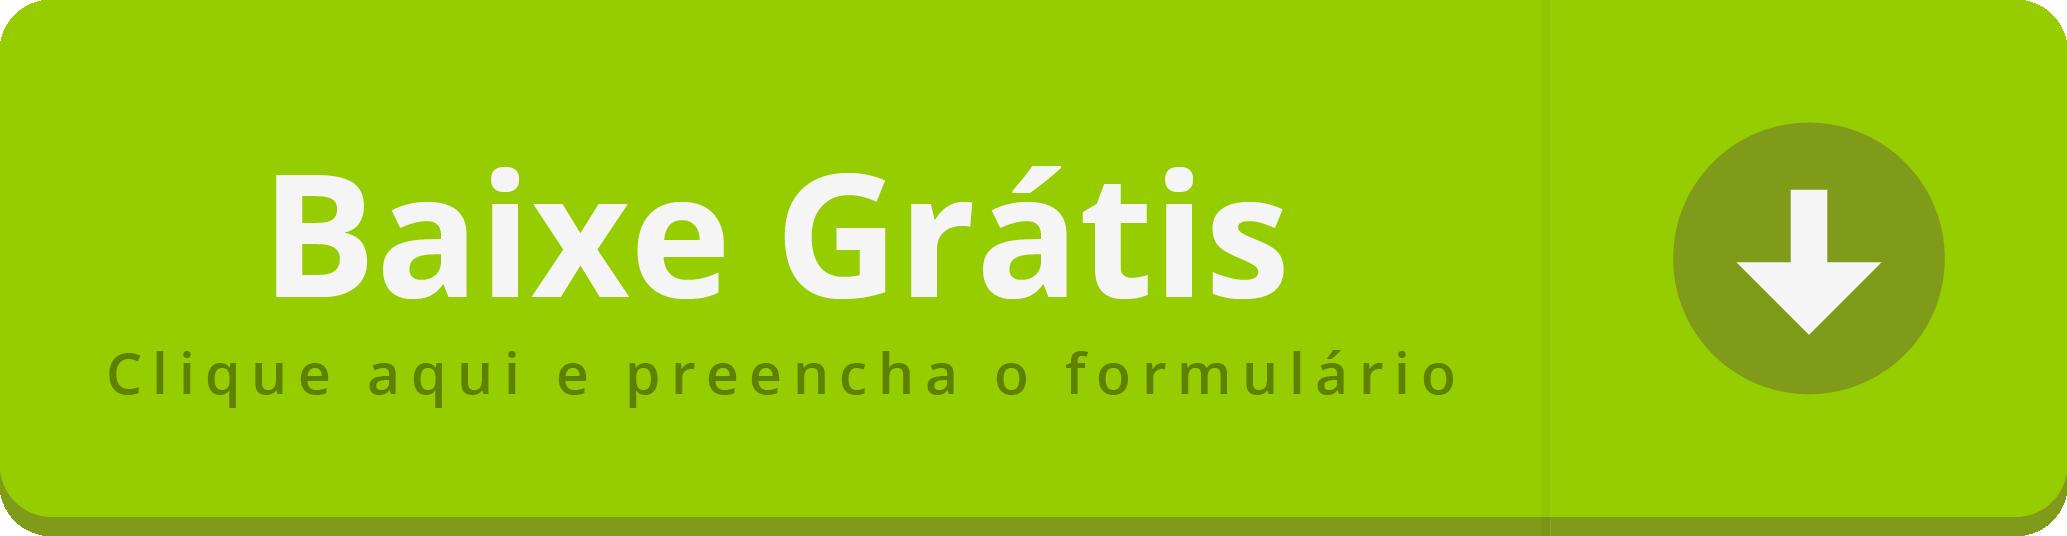 Calendário E-commerce 2017 - Baixe Grátis